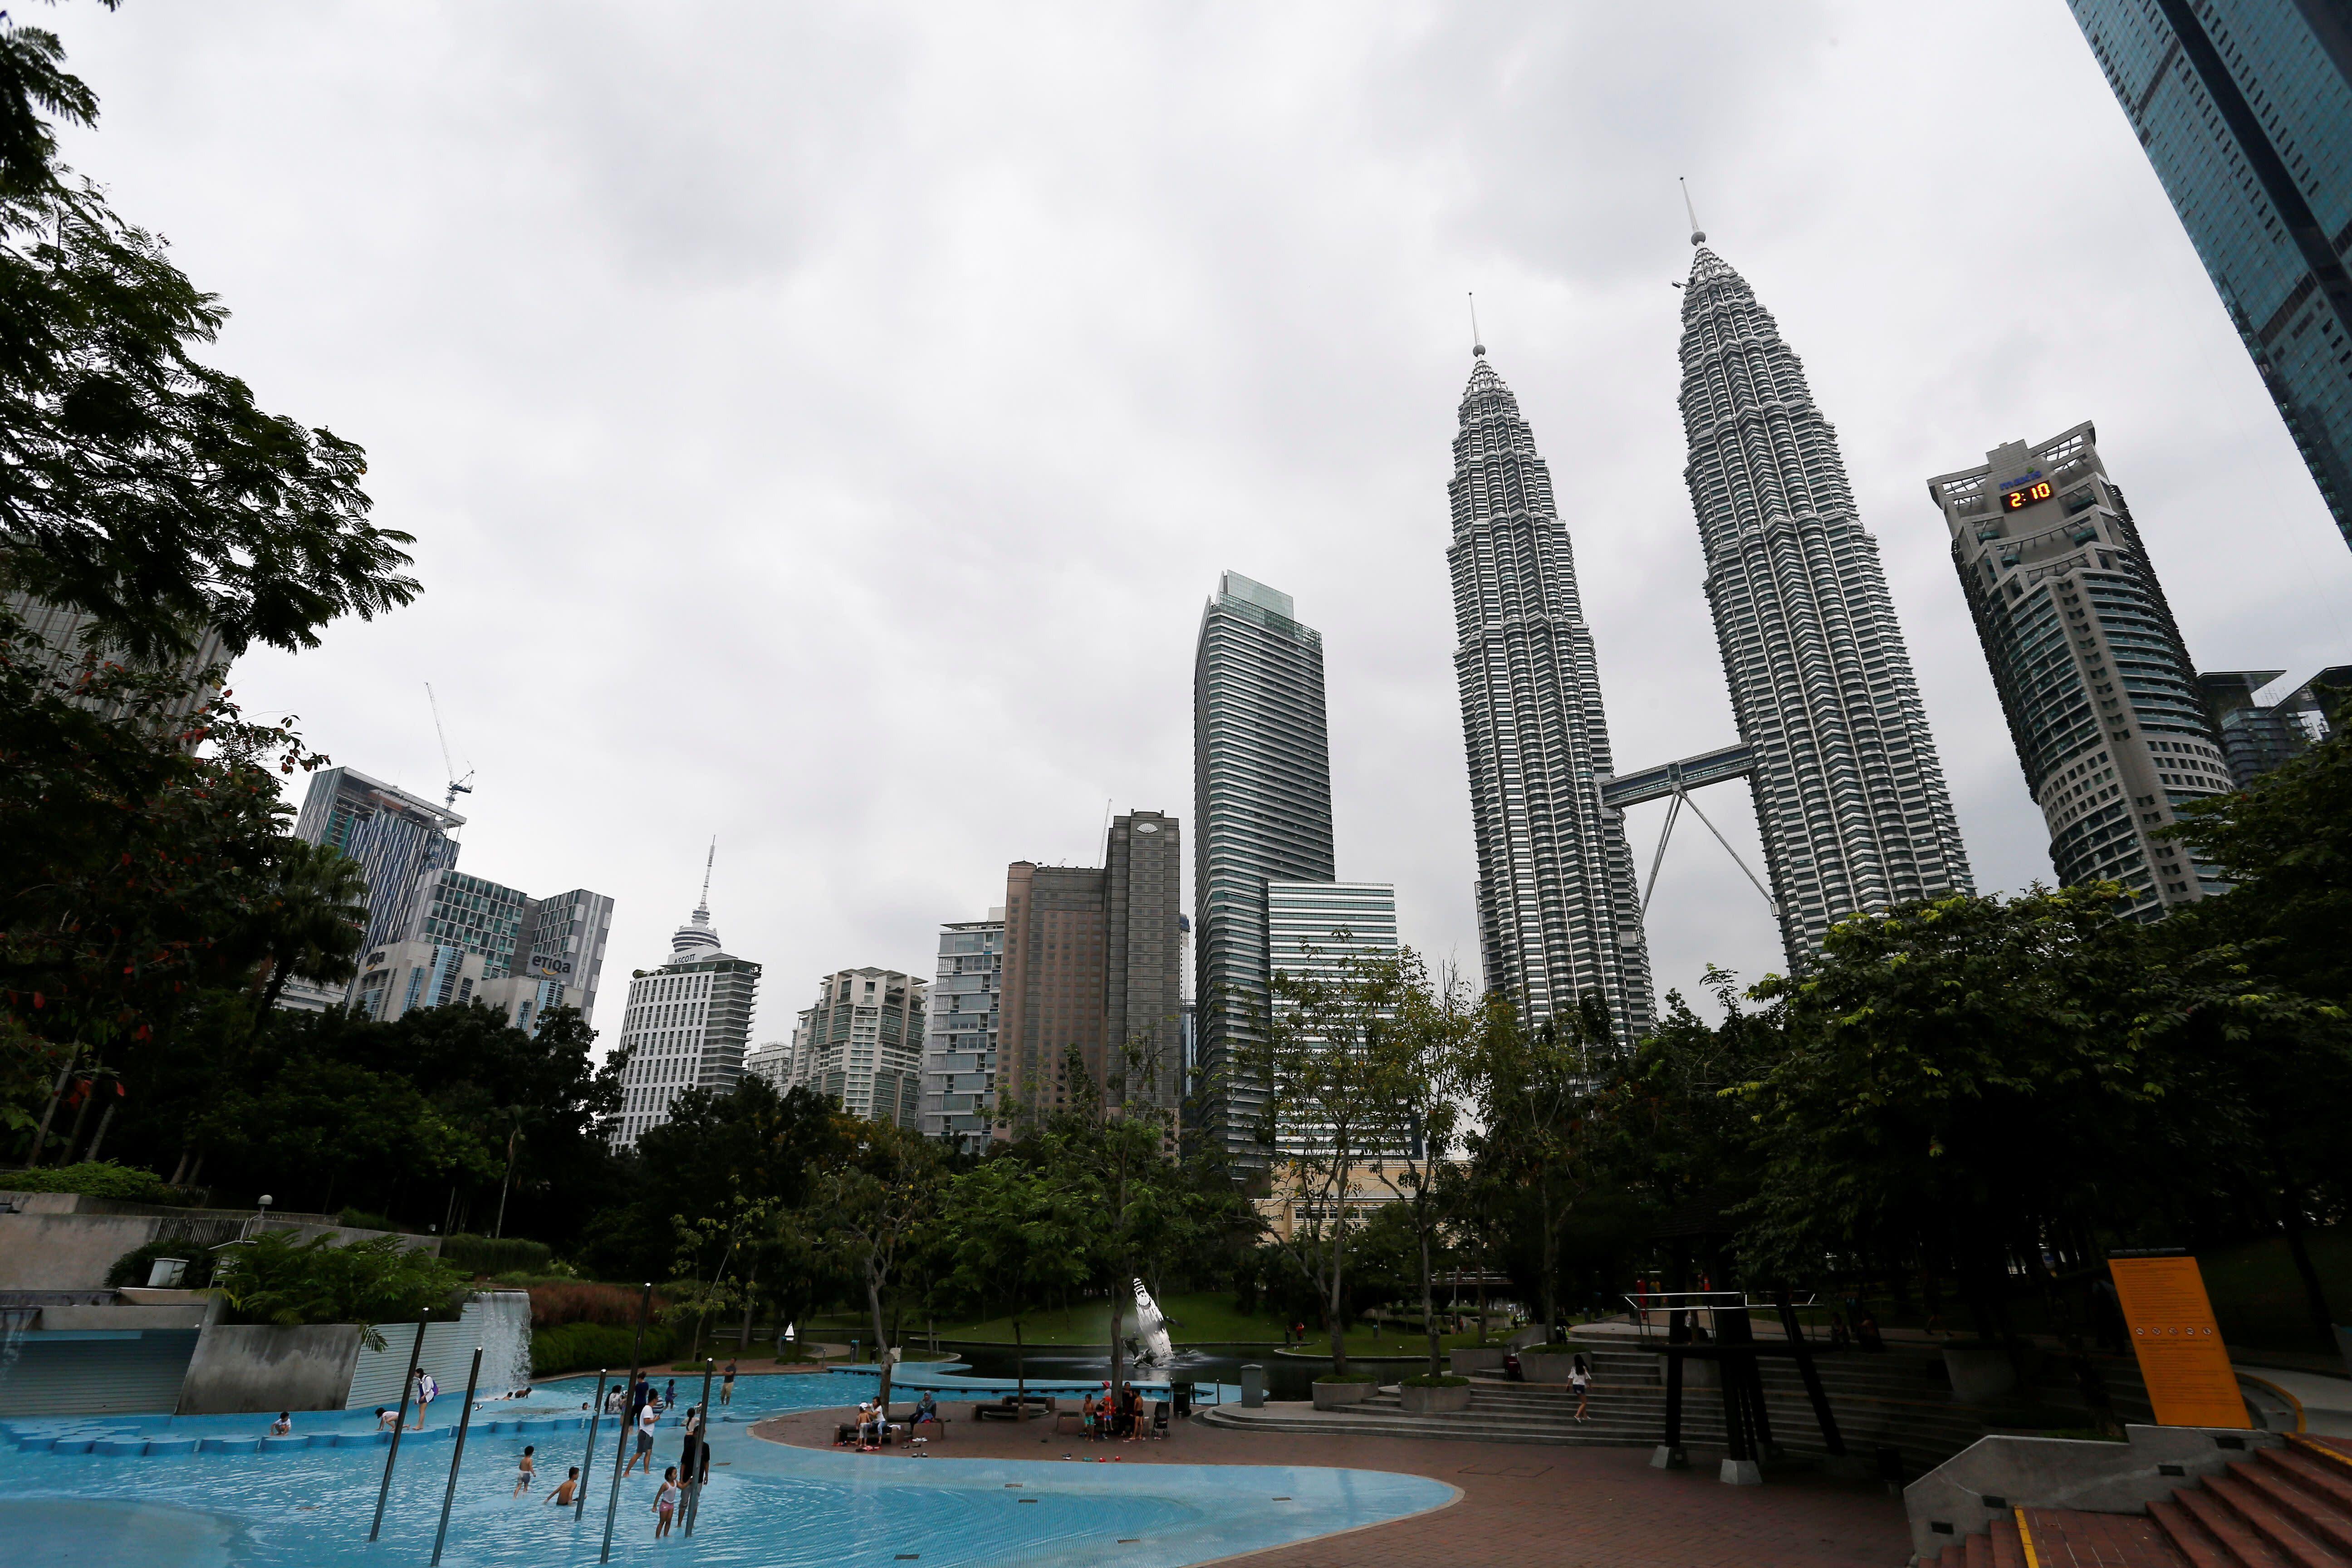 Global funds shun Malaysia as Mahathir reform euphoria fades